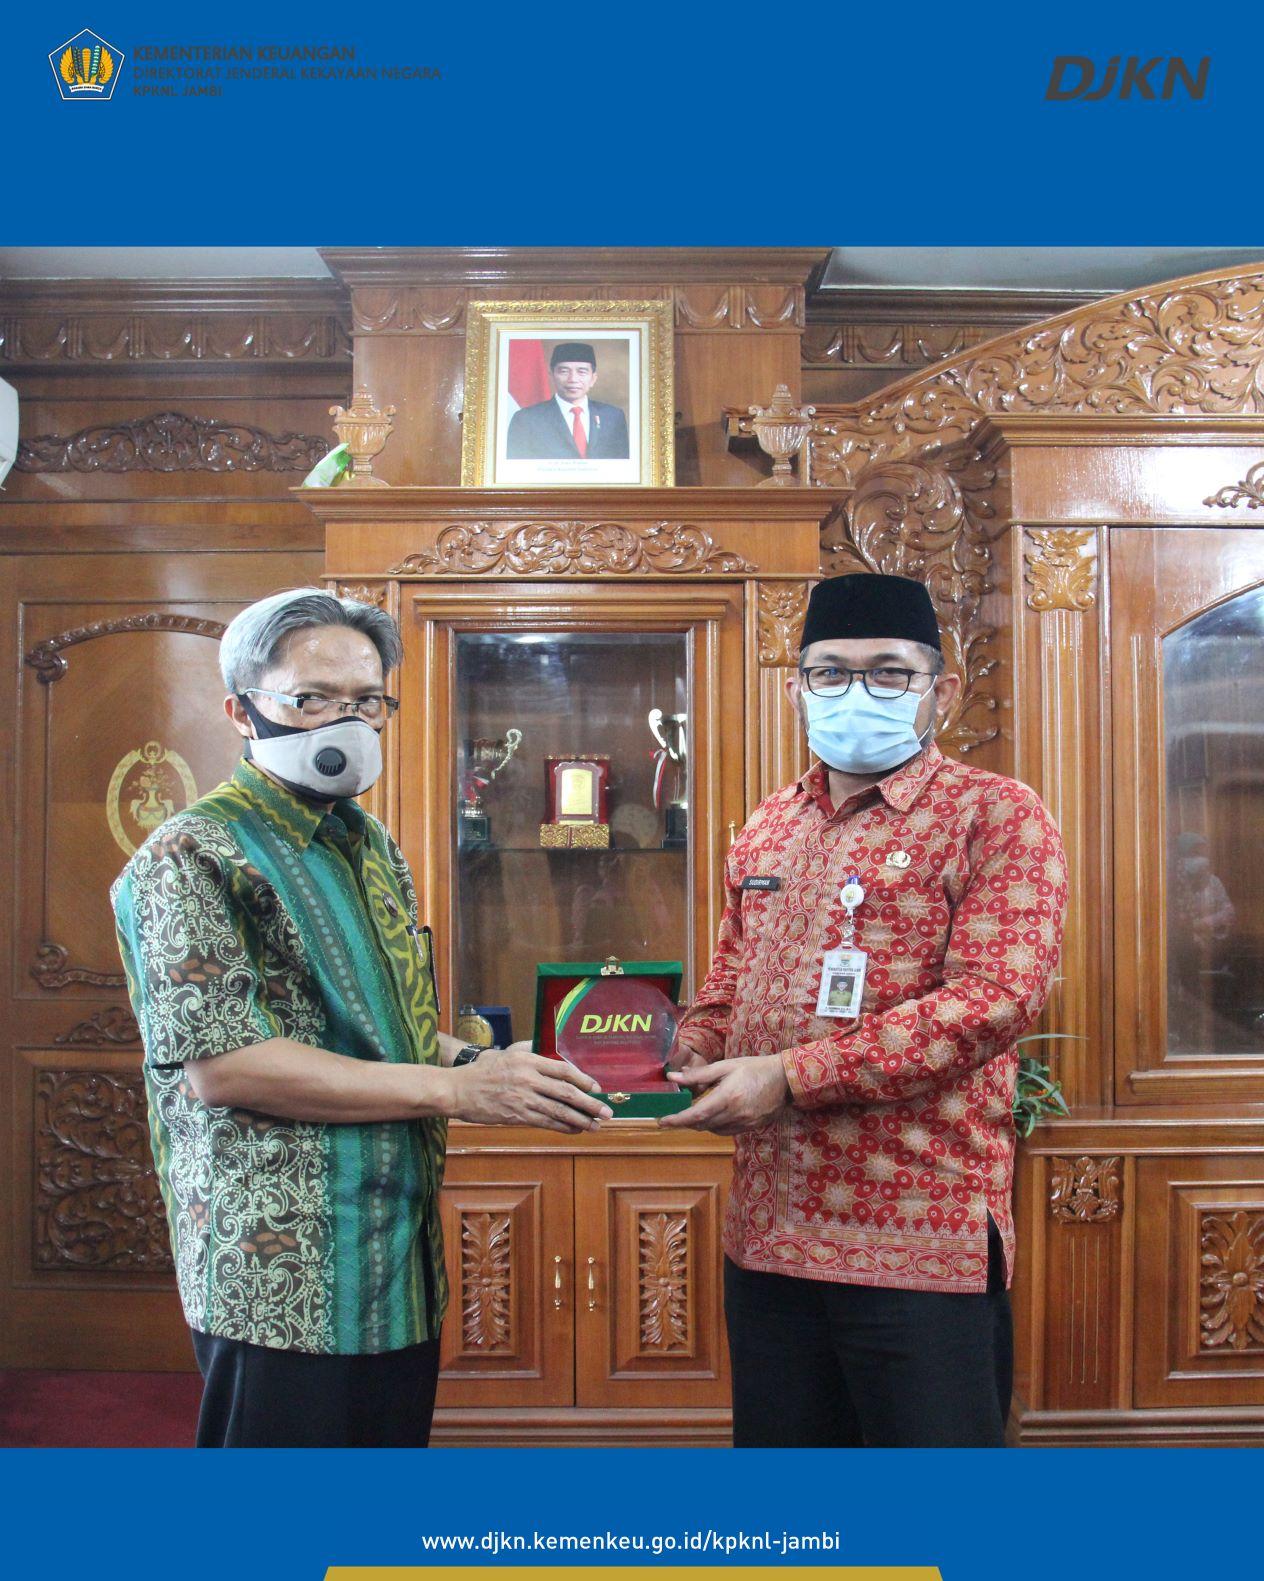 Kunjungan Kerja Kepala Kanwil DJKN SJB ke OJK, PT Negeri, Pemerintah Daerah dan KanWil Kementerian Agama di Propinsi Jambi